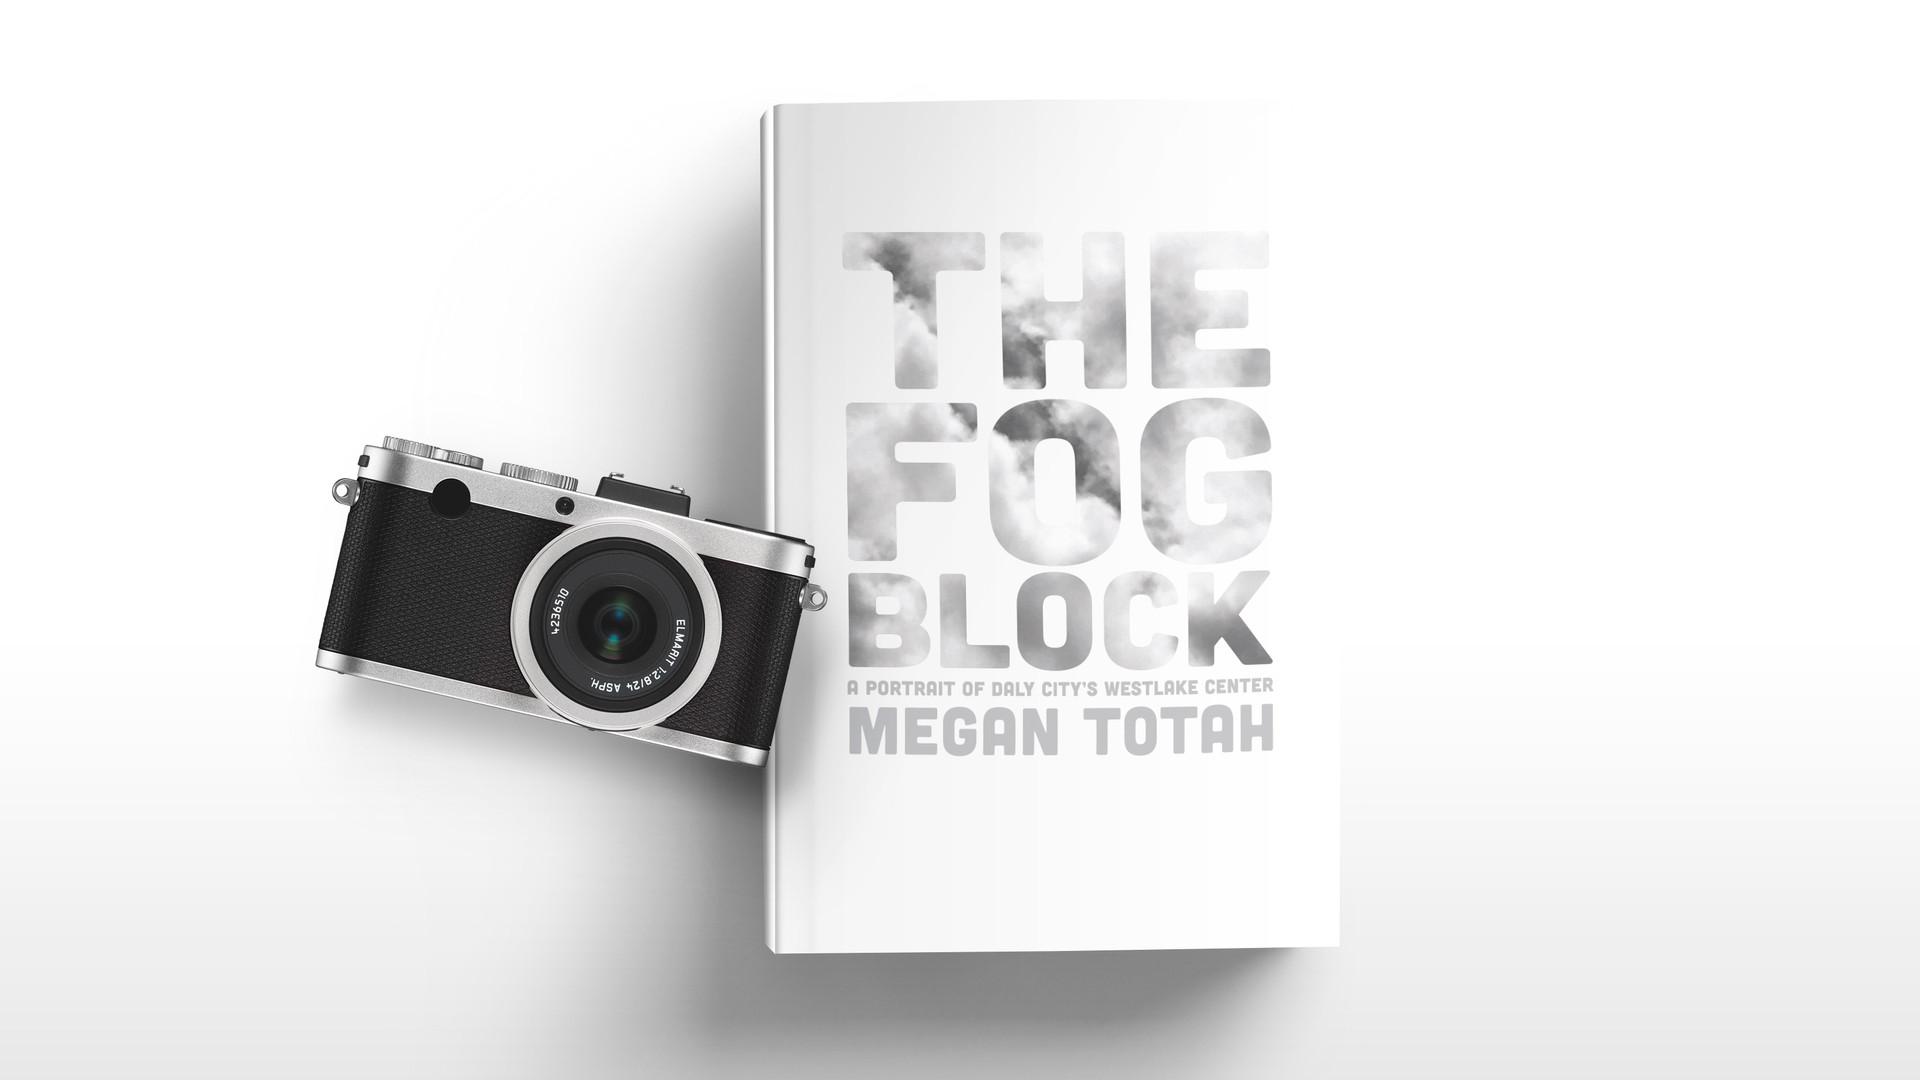 The Fog Block by Megan Totah